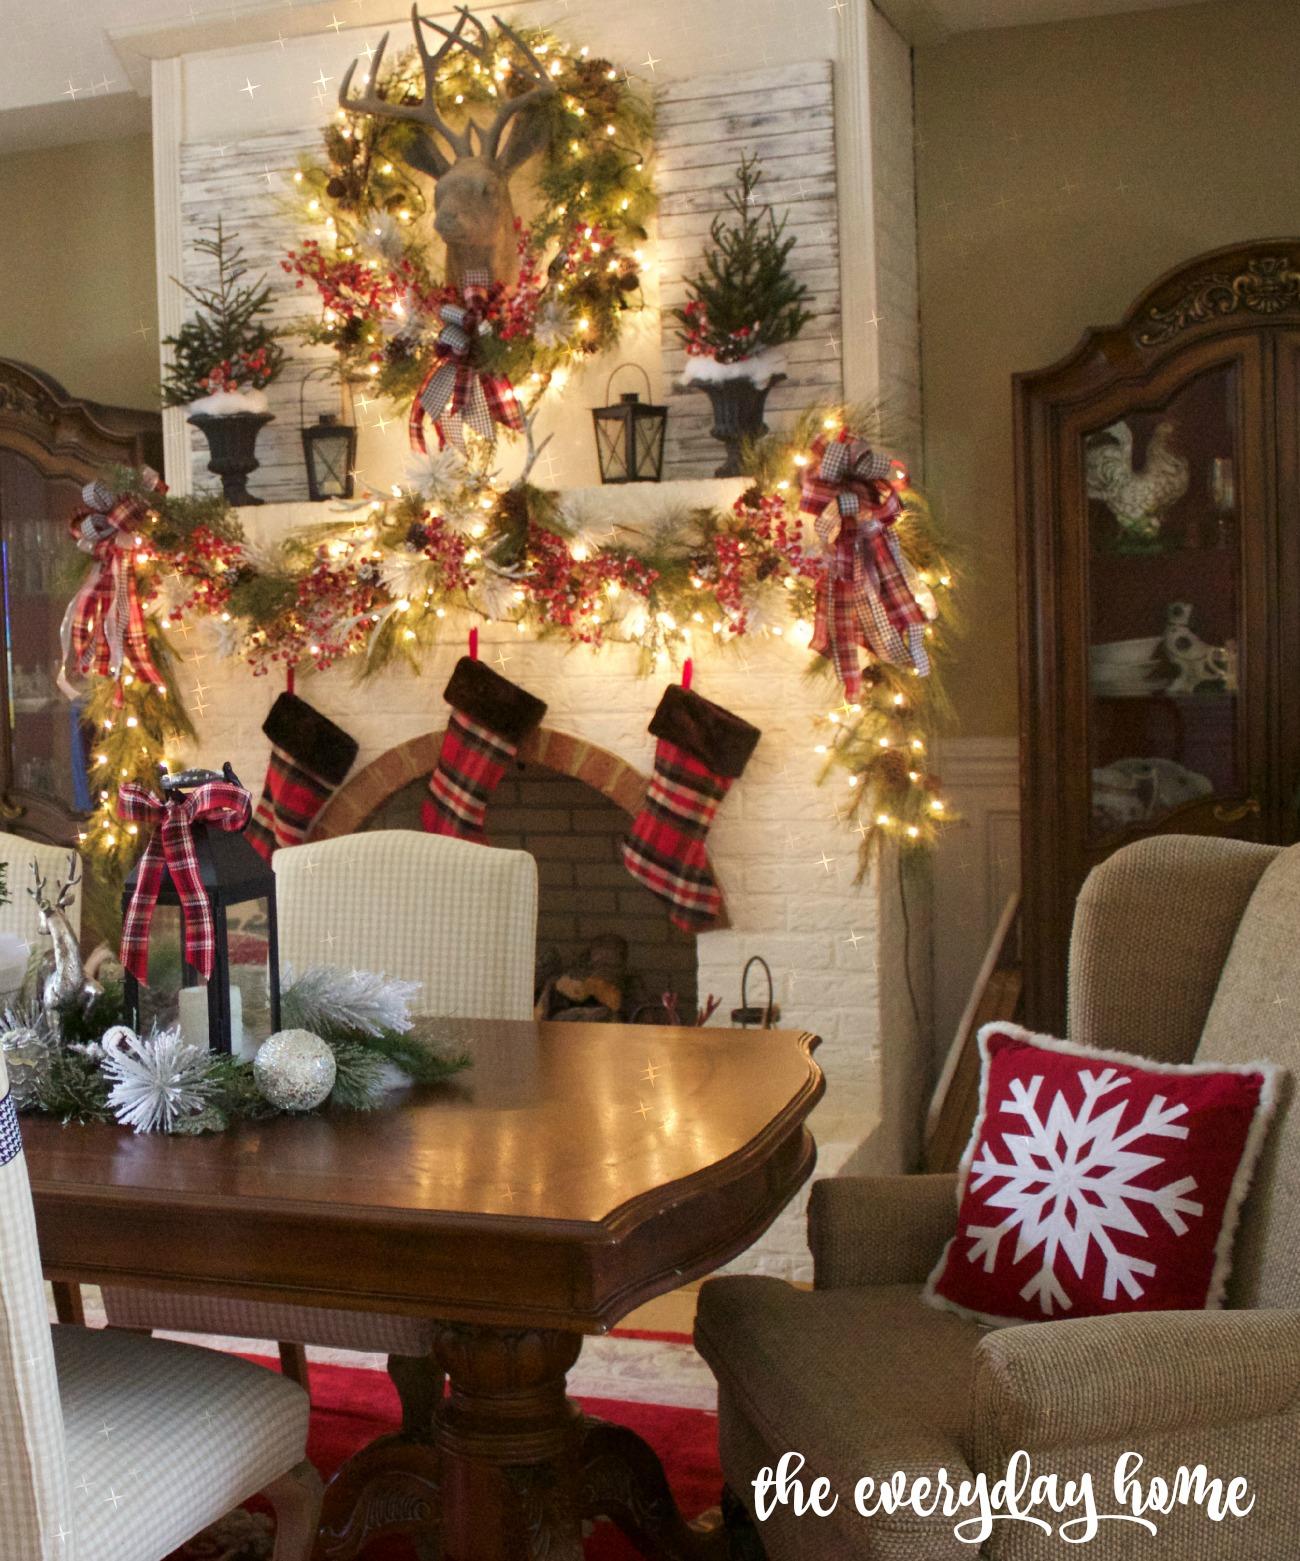 Formal Dining Room | 2015 Christmas Dining Room Tour | The Everyday Home | www.everydayhomeblog.com